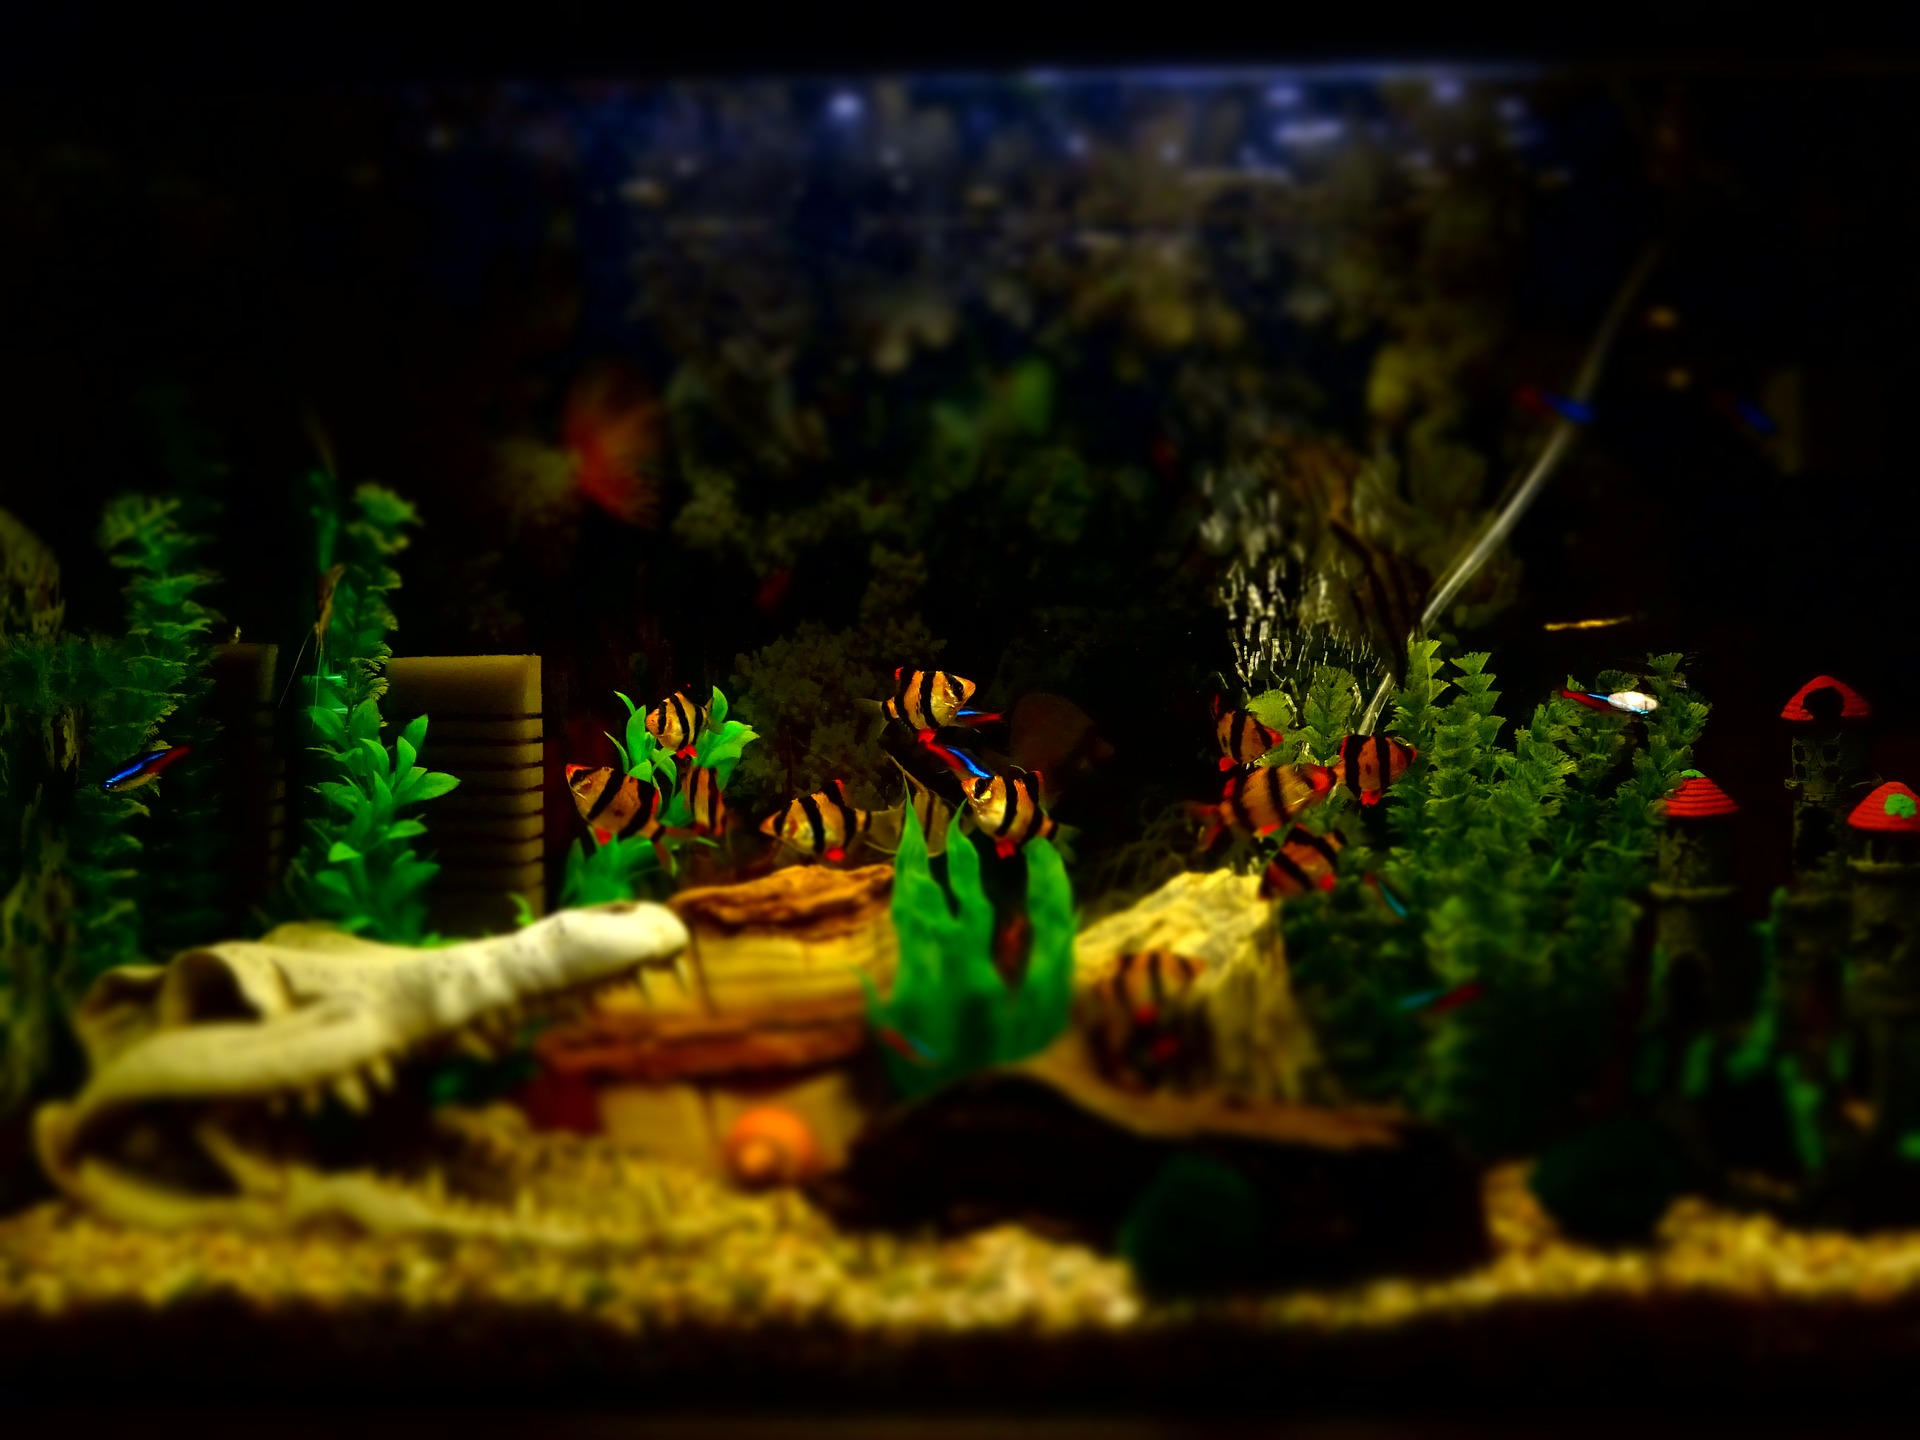 Pilt, vana akvaariumi sündroom, koos kaladega